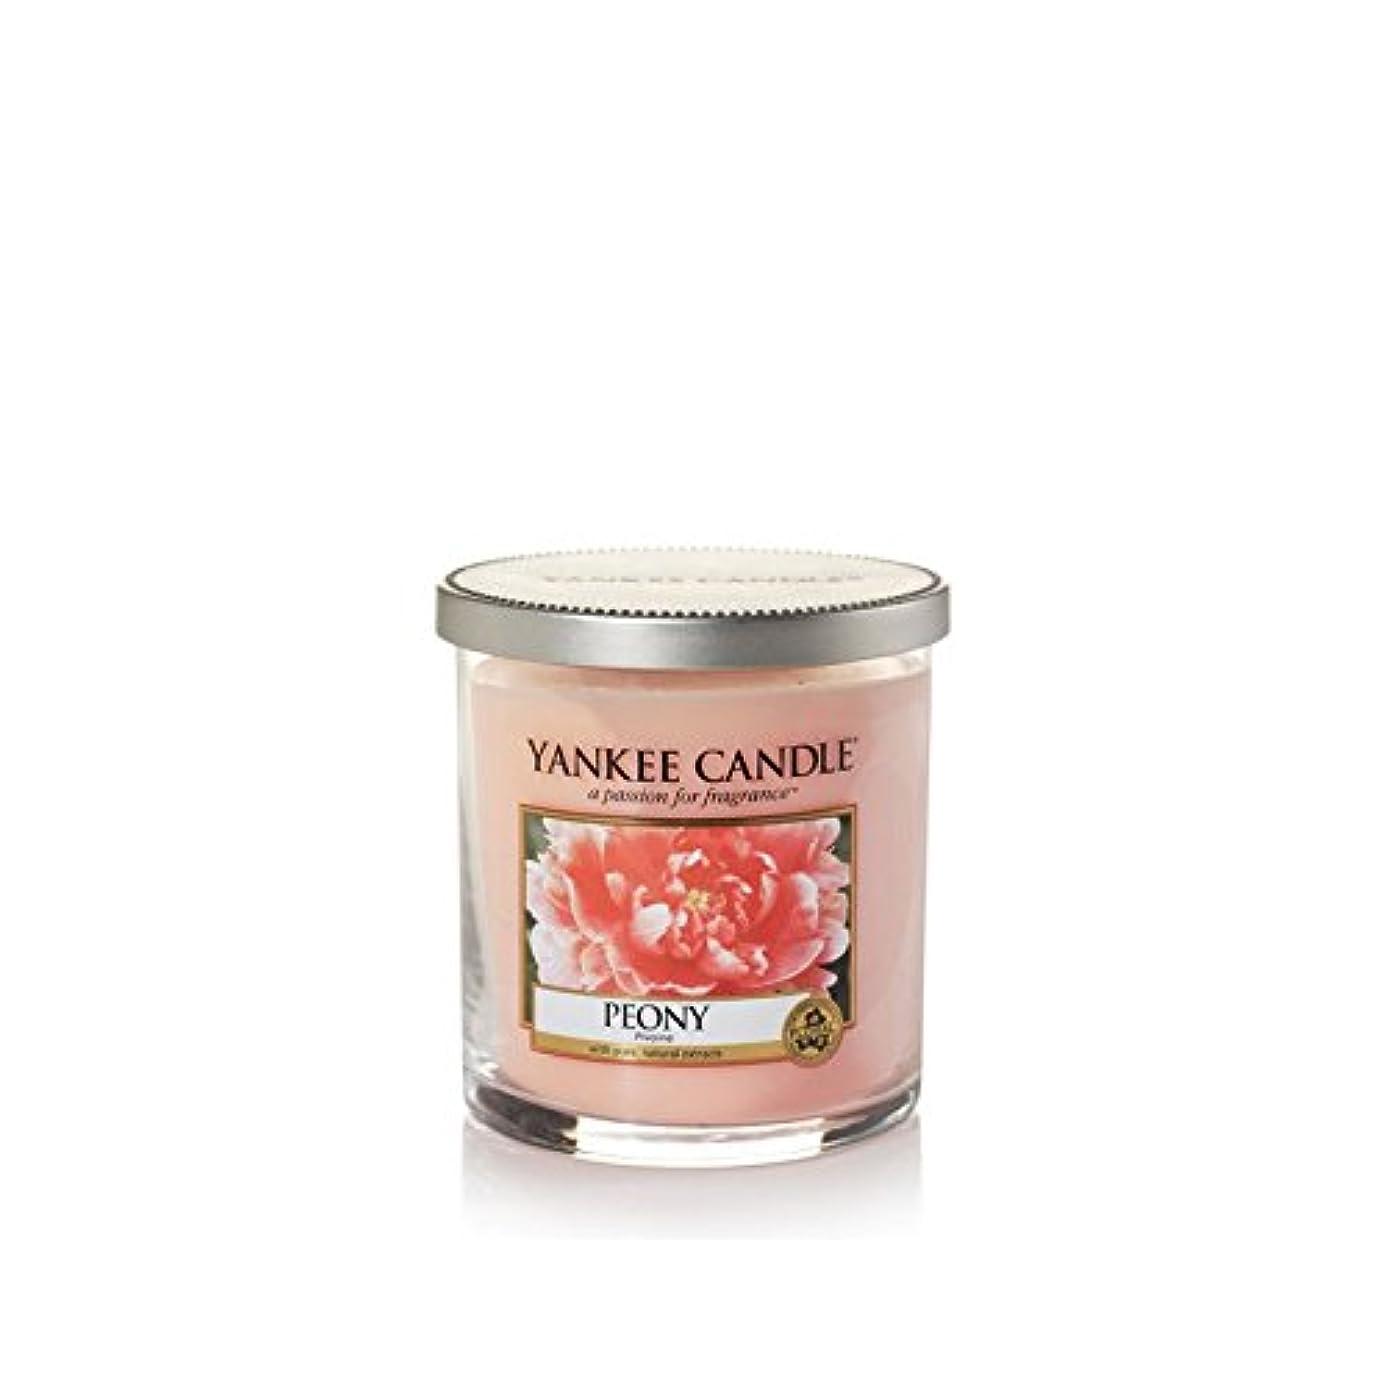 うそつき構成に話すYankee Candles Small Pillar Candle - Peony (Pack of 6) - ヤンキーキャンドルの小さな柱キャンドル - 牡丹 (x6) [並行輸入品]